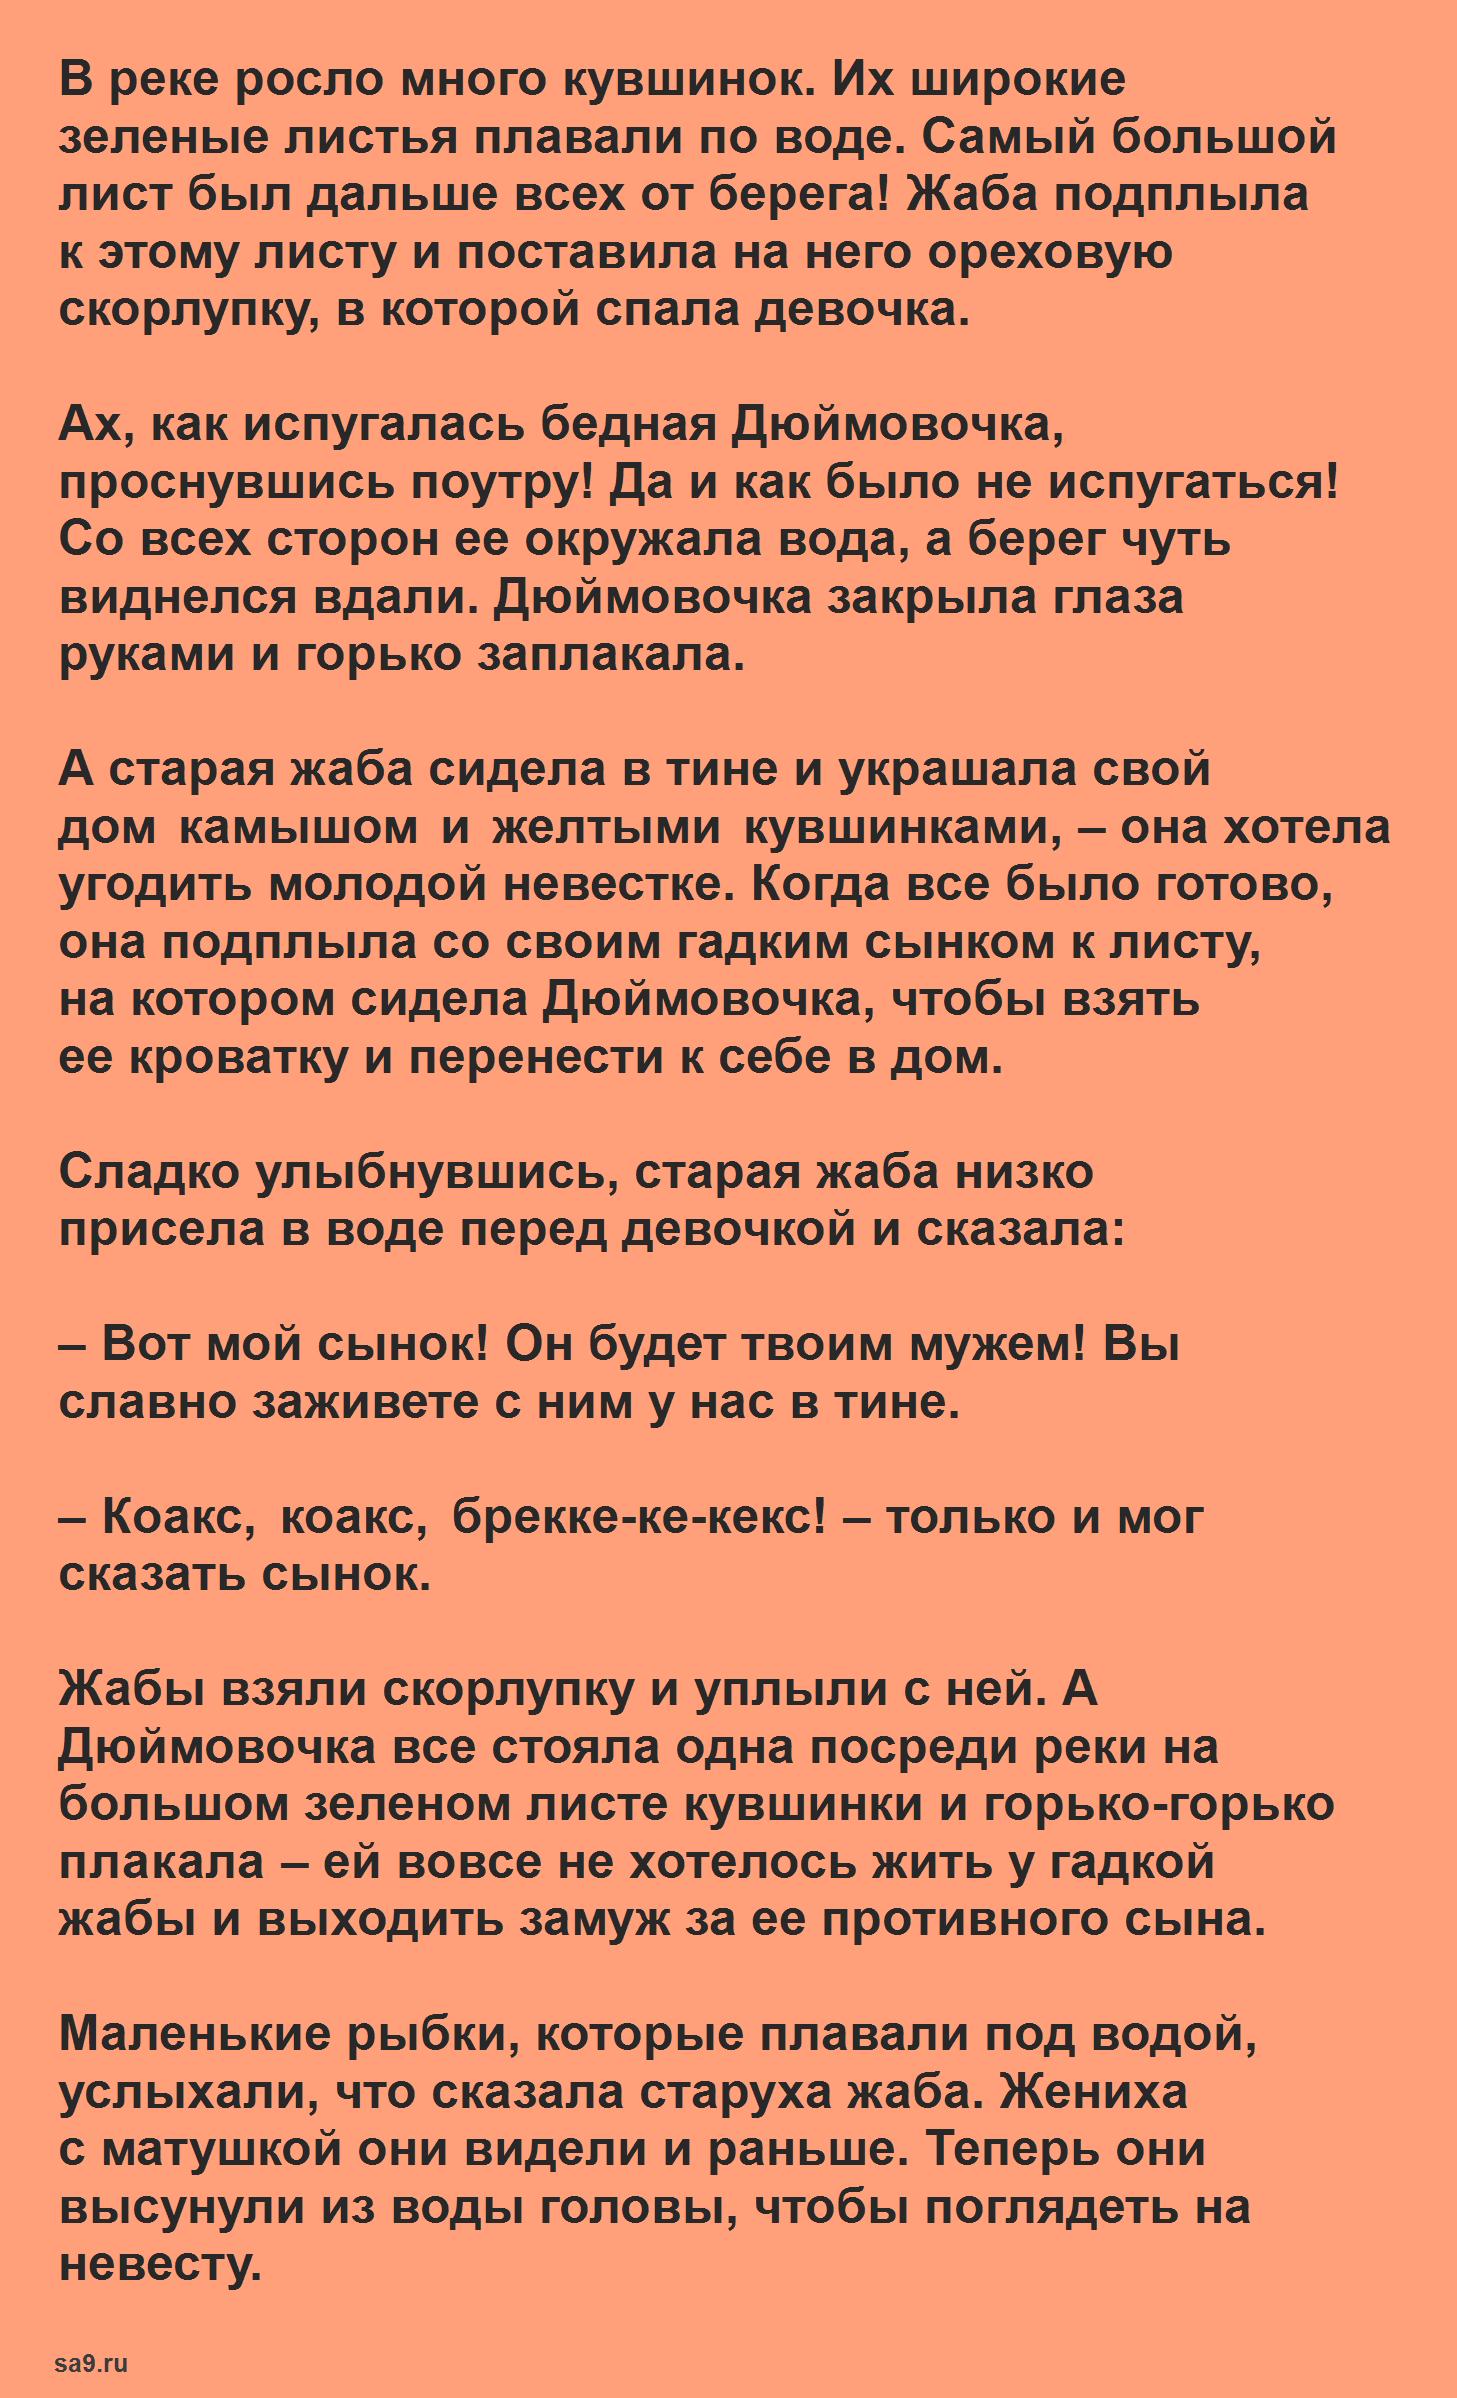 Читать сказку - Дюймовочка, Андерсен